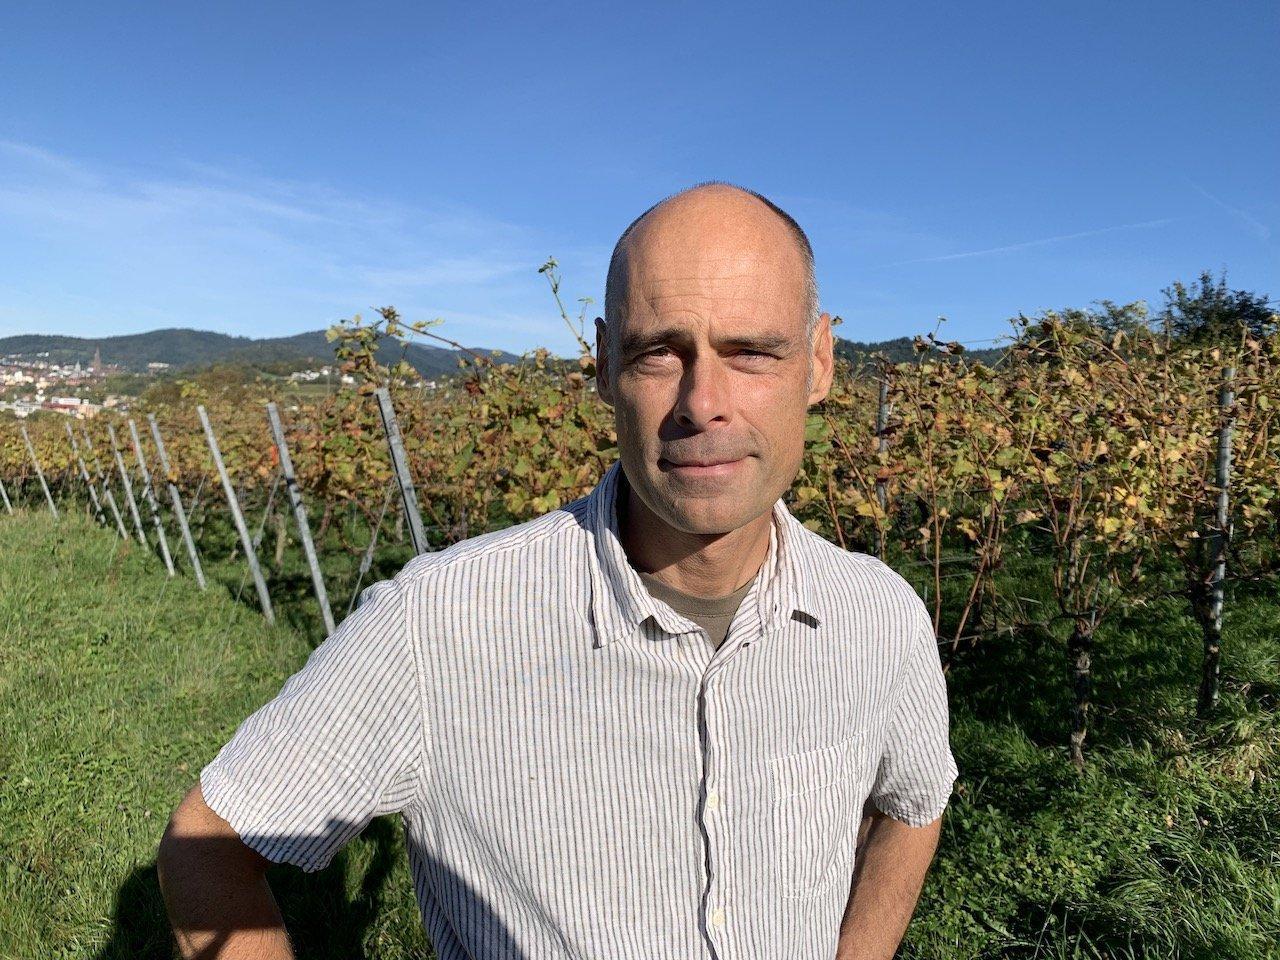 Stefan Gössling steht im Herbst inmitten von Weinstöcken. Stefan Gössling hat eine Glatze und trägt ein kurzärmeliges Hemd. Das Laub der Blätter ist gefärbt und vereinzelt hängen noch dunkelblaue Weinreben im Laub